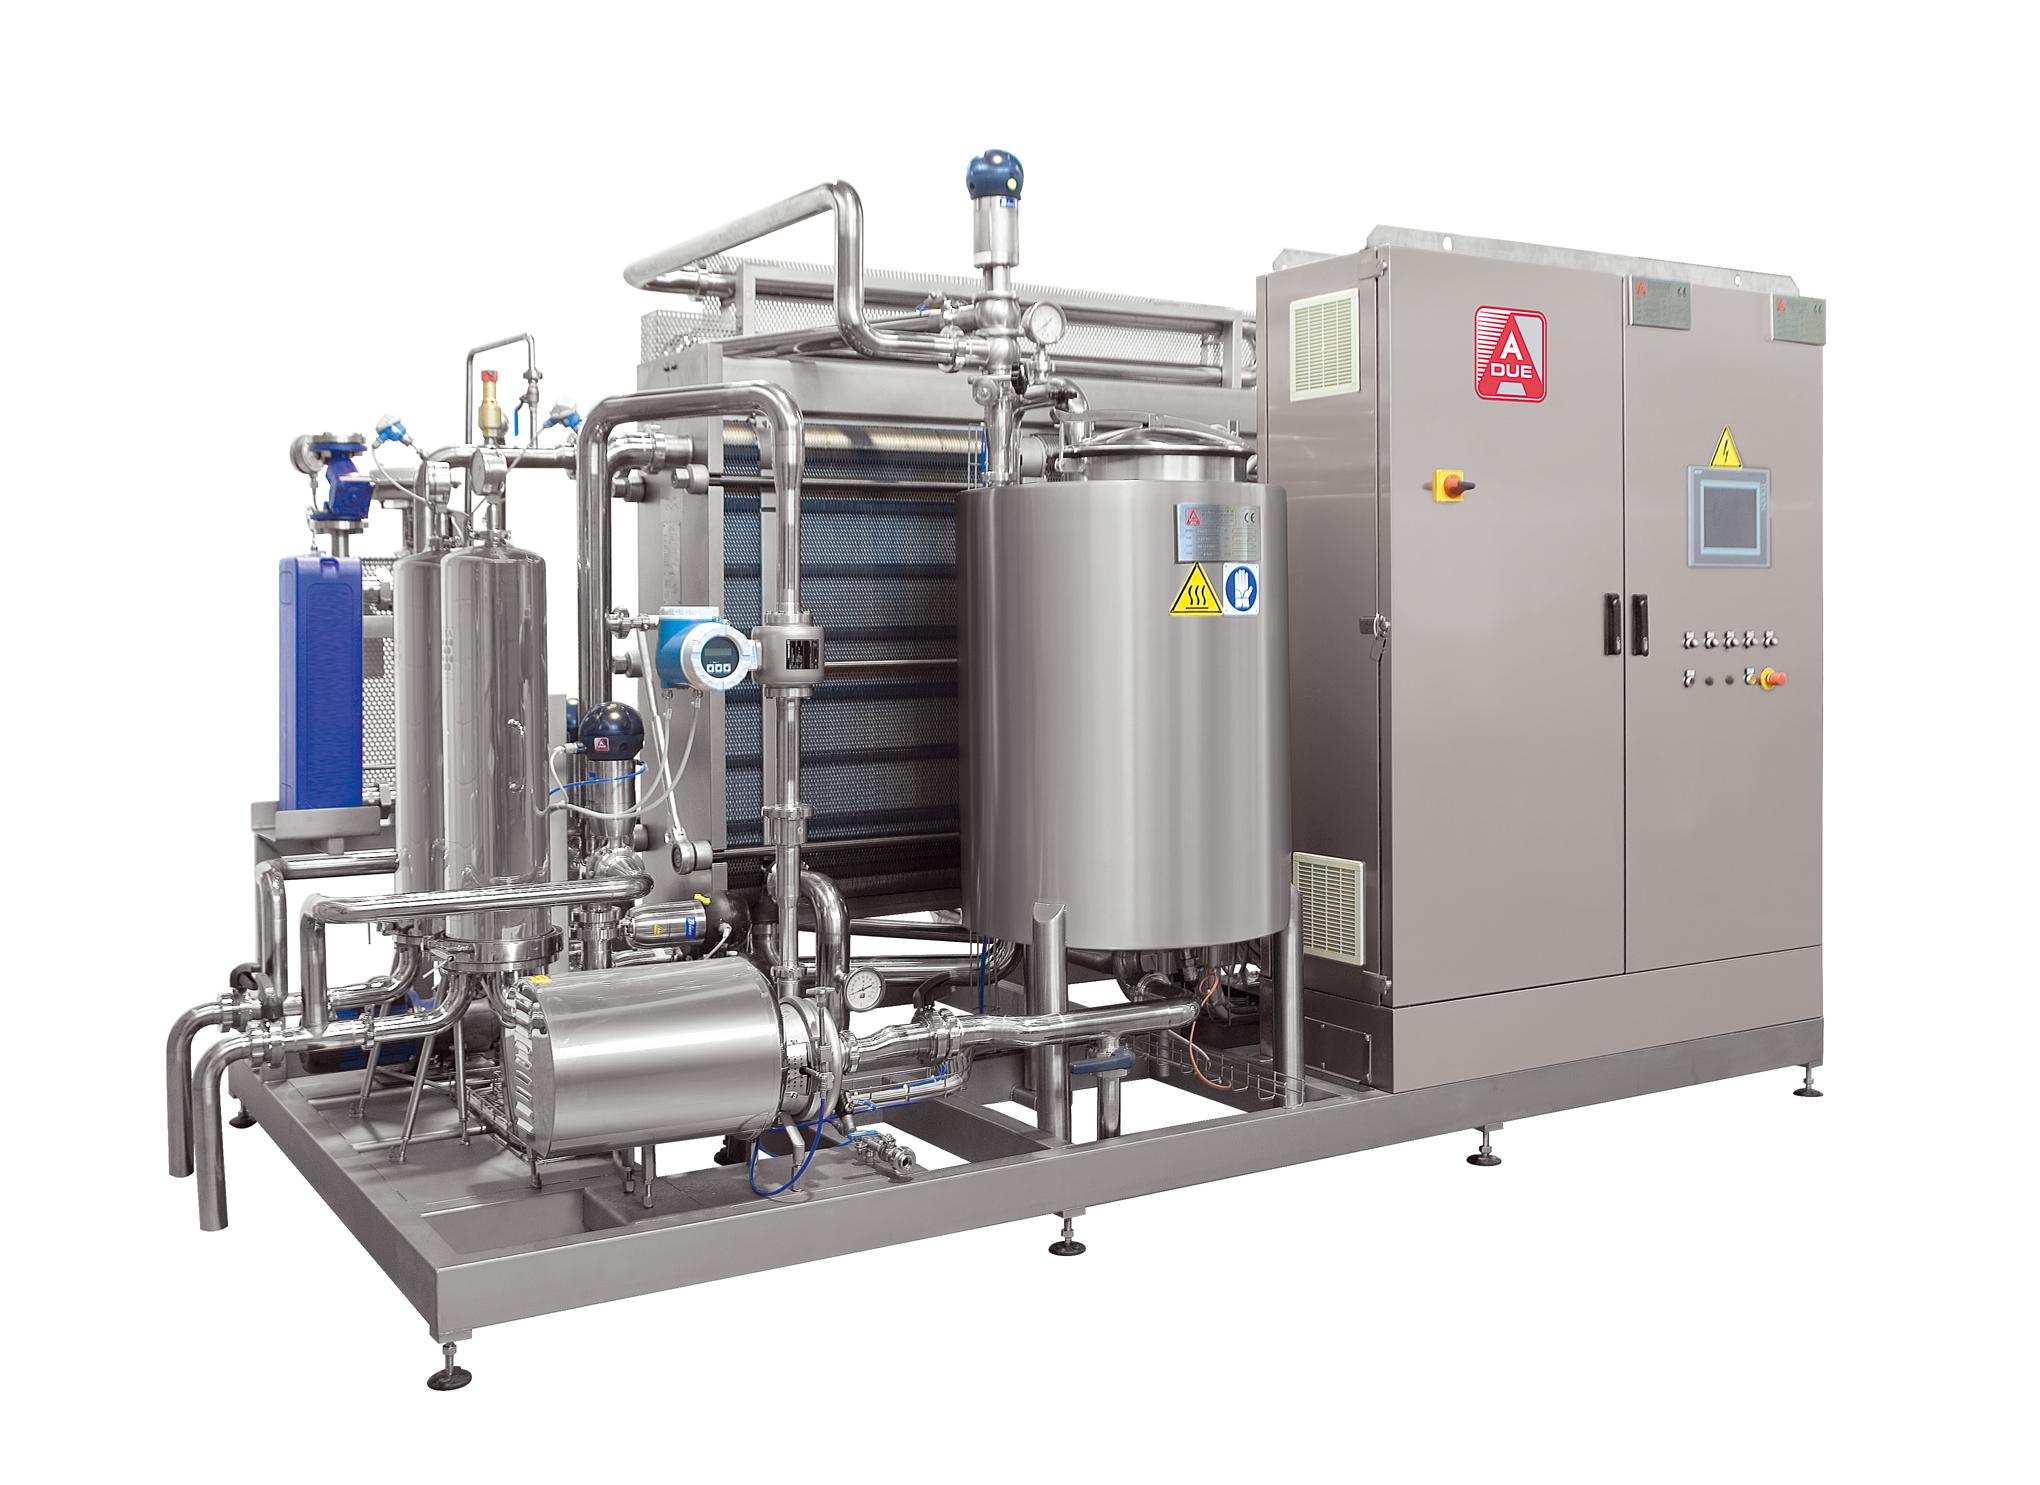 Pasteryzatory przepływowe - maszyny linii produkcyjnej